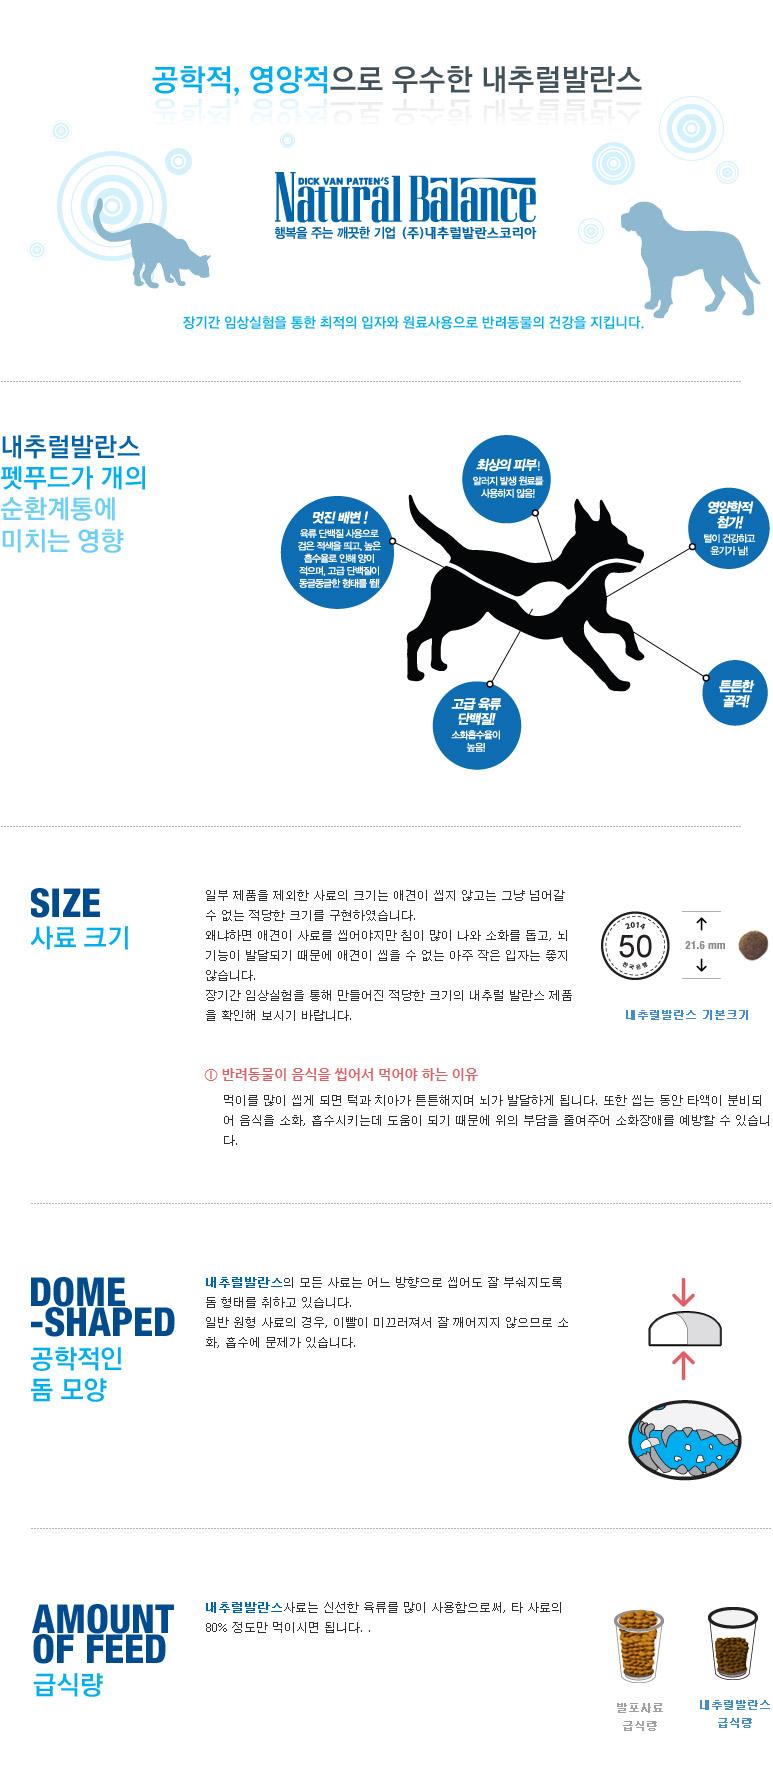 (유통기한19.05.28)내추럴발란스 LID 감자오리 큰입자 11.8kg99,000원-스토어봄Pet, 강아지용품, 사료, 전연령용바보사랑(유통기한19.05.28)내추럴발란스 LID 감자오리 큰입자 11.8kg99,000원-스토어봄Pet, 강아지용품, 사료, 전연령용바보사랑